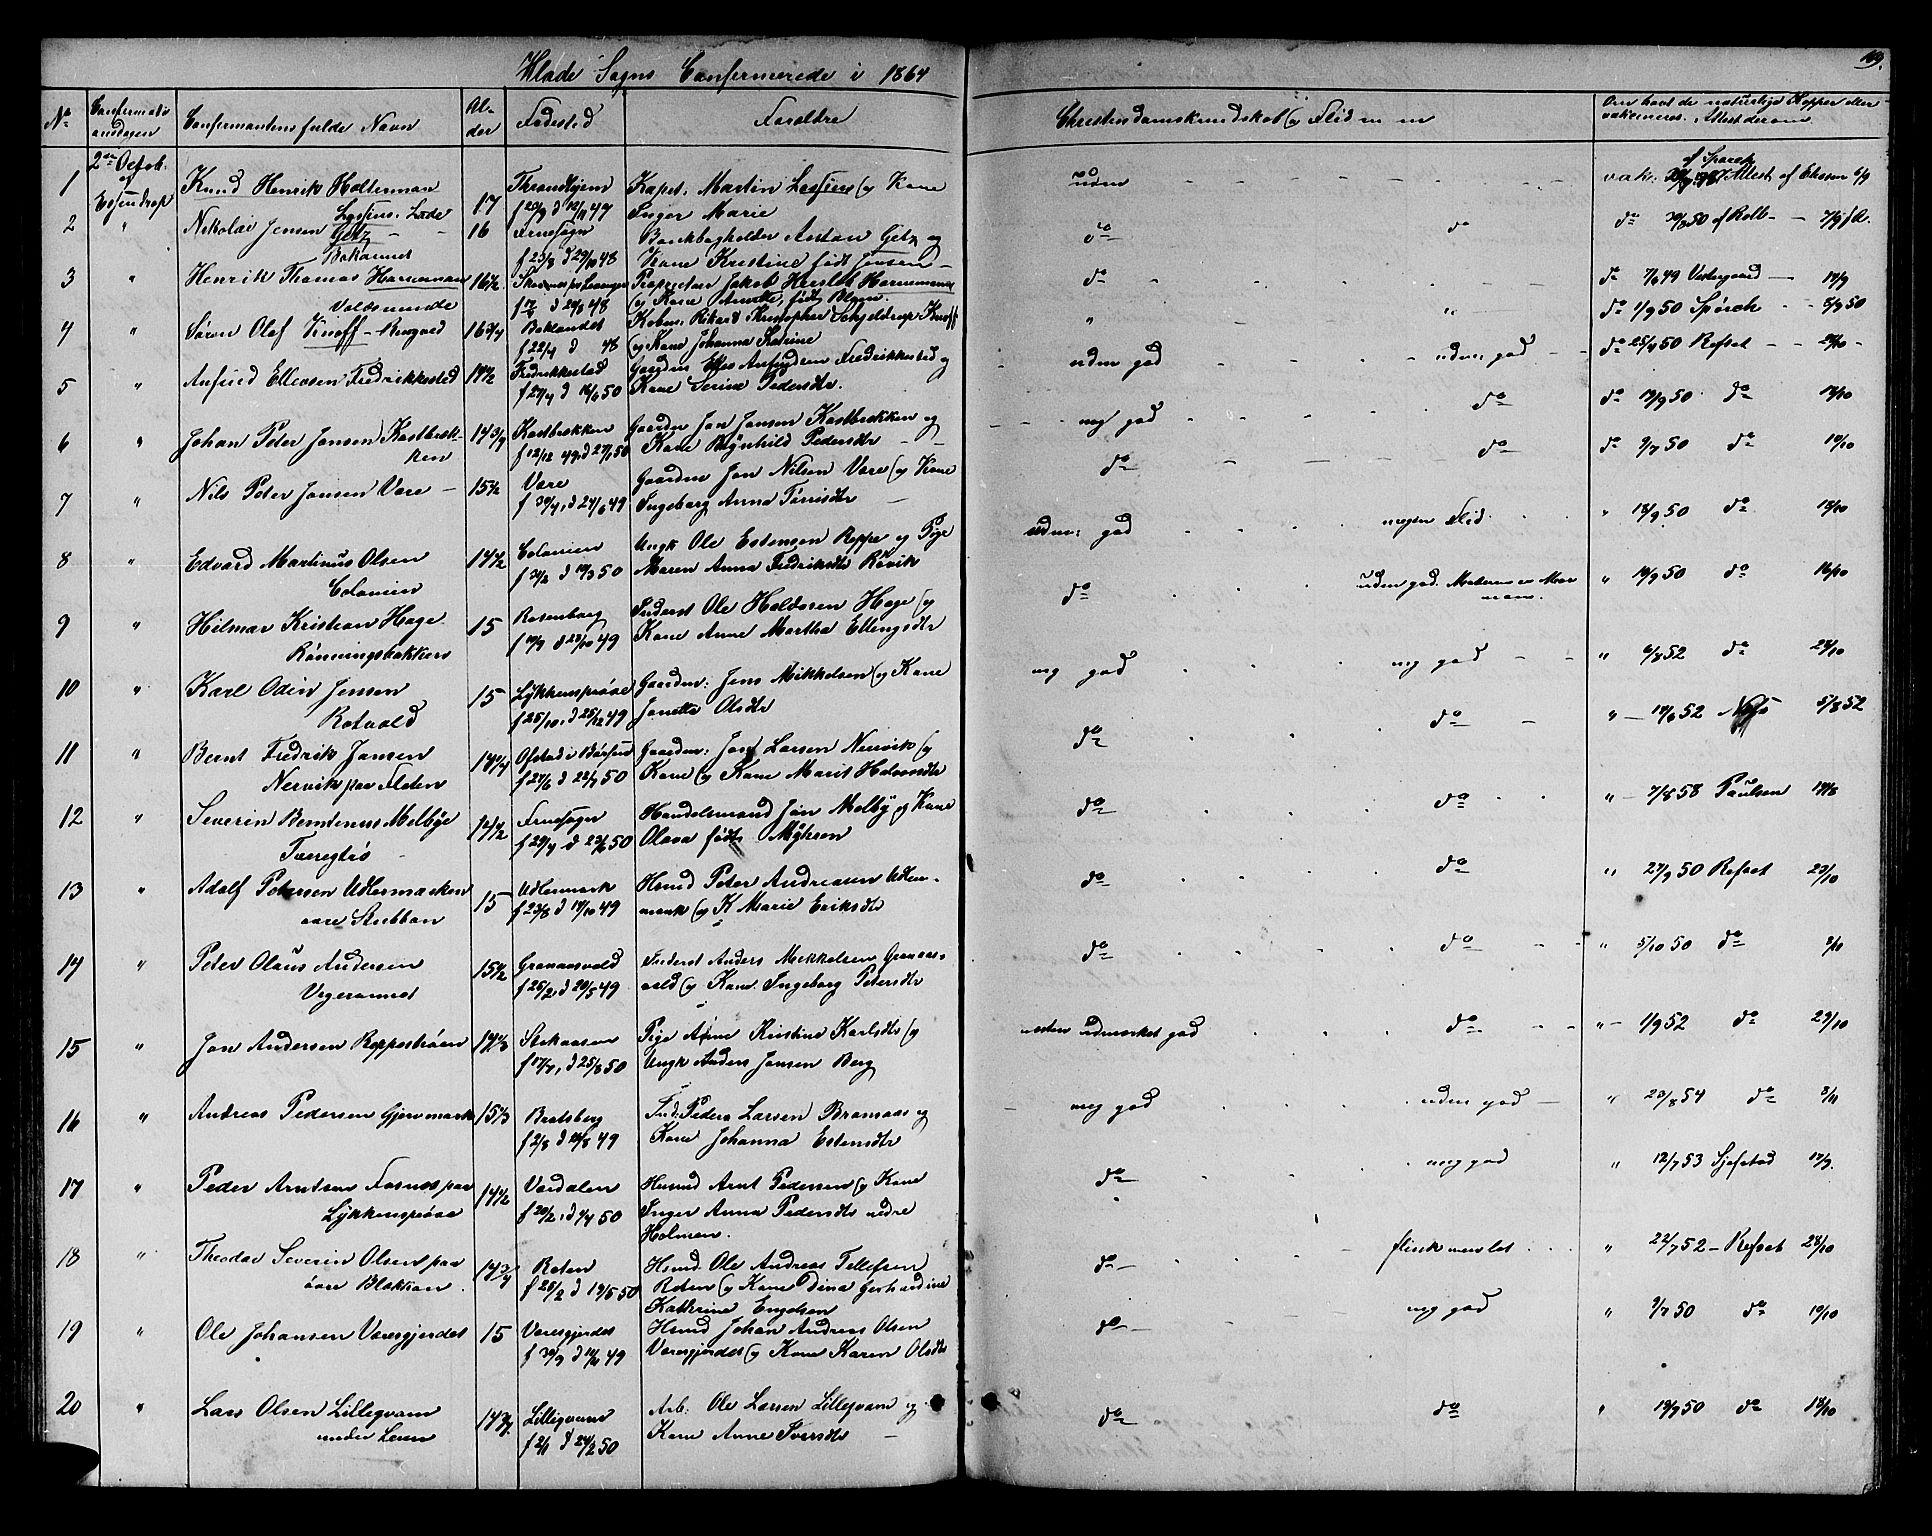 SAT, Ministerialprotokoller, klokkerbøker og fødselsregistre - Sør-Trøndelag, 606/L0311: Klokkerbok nr. 606C07, 1860-1877, s. 169